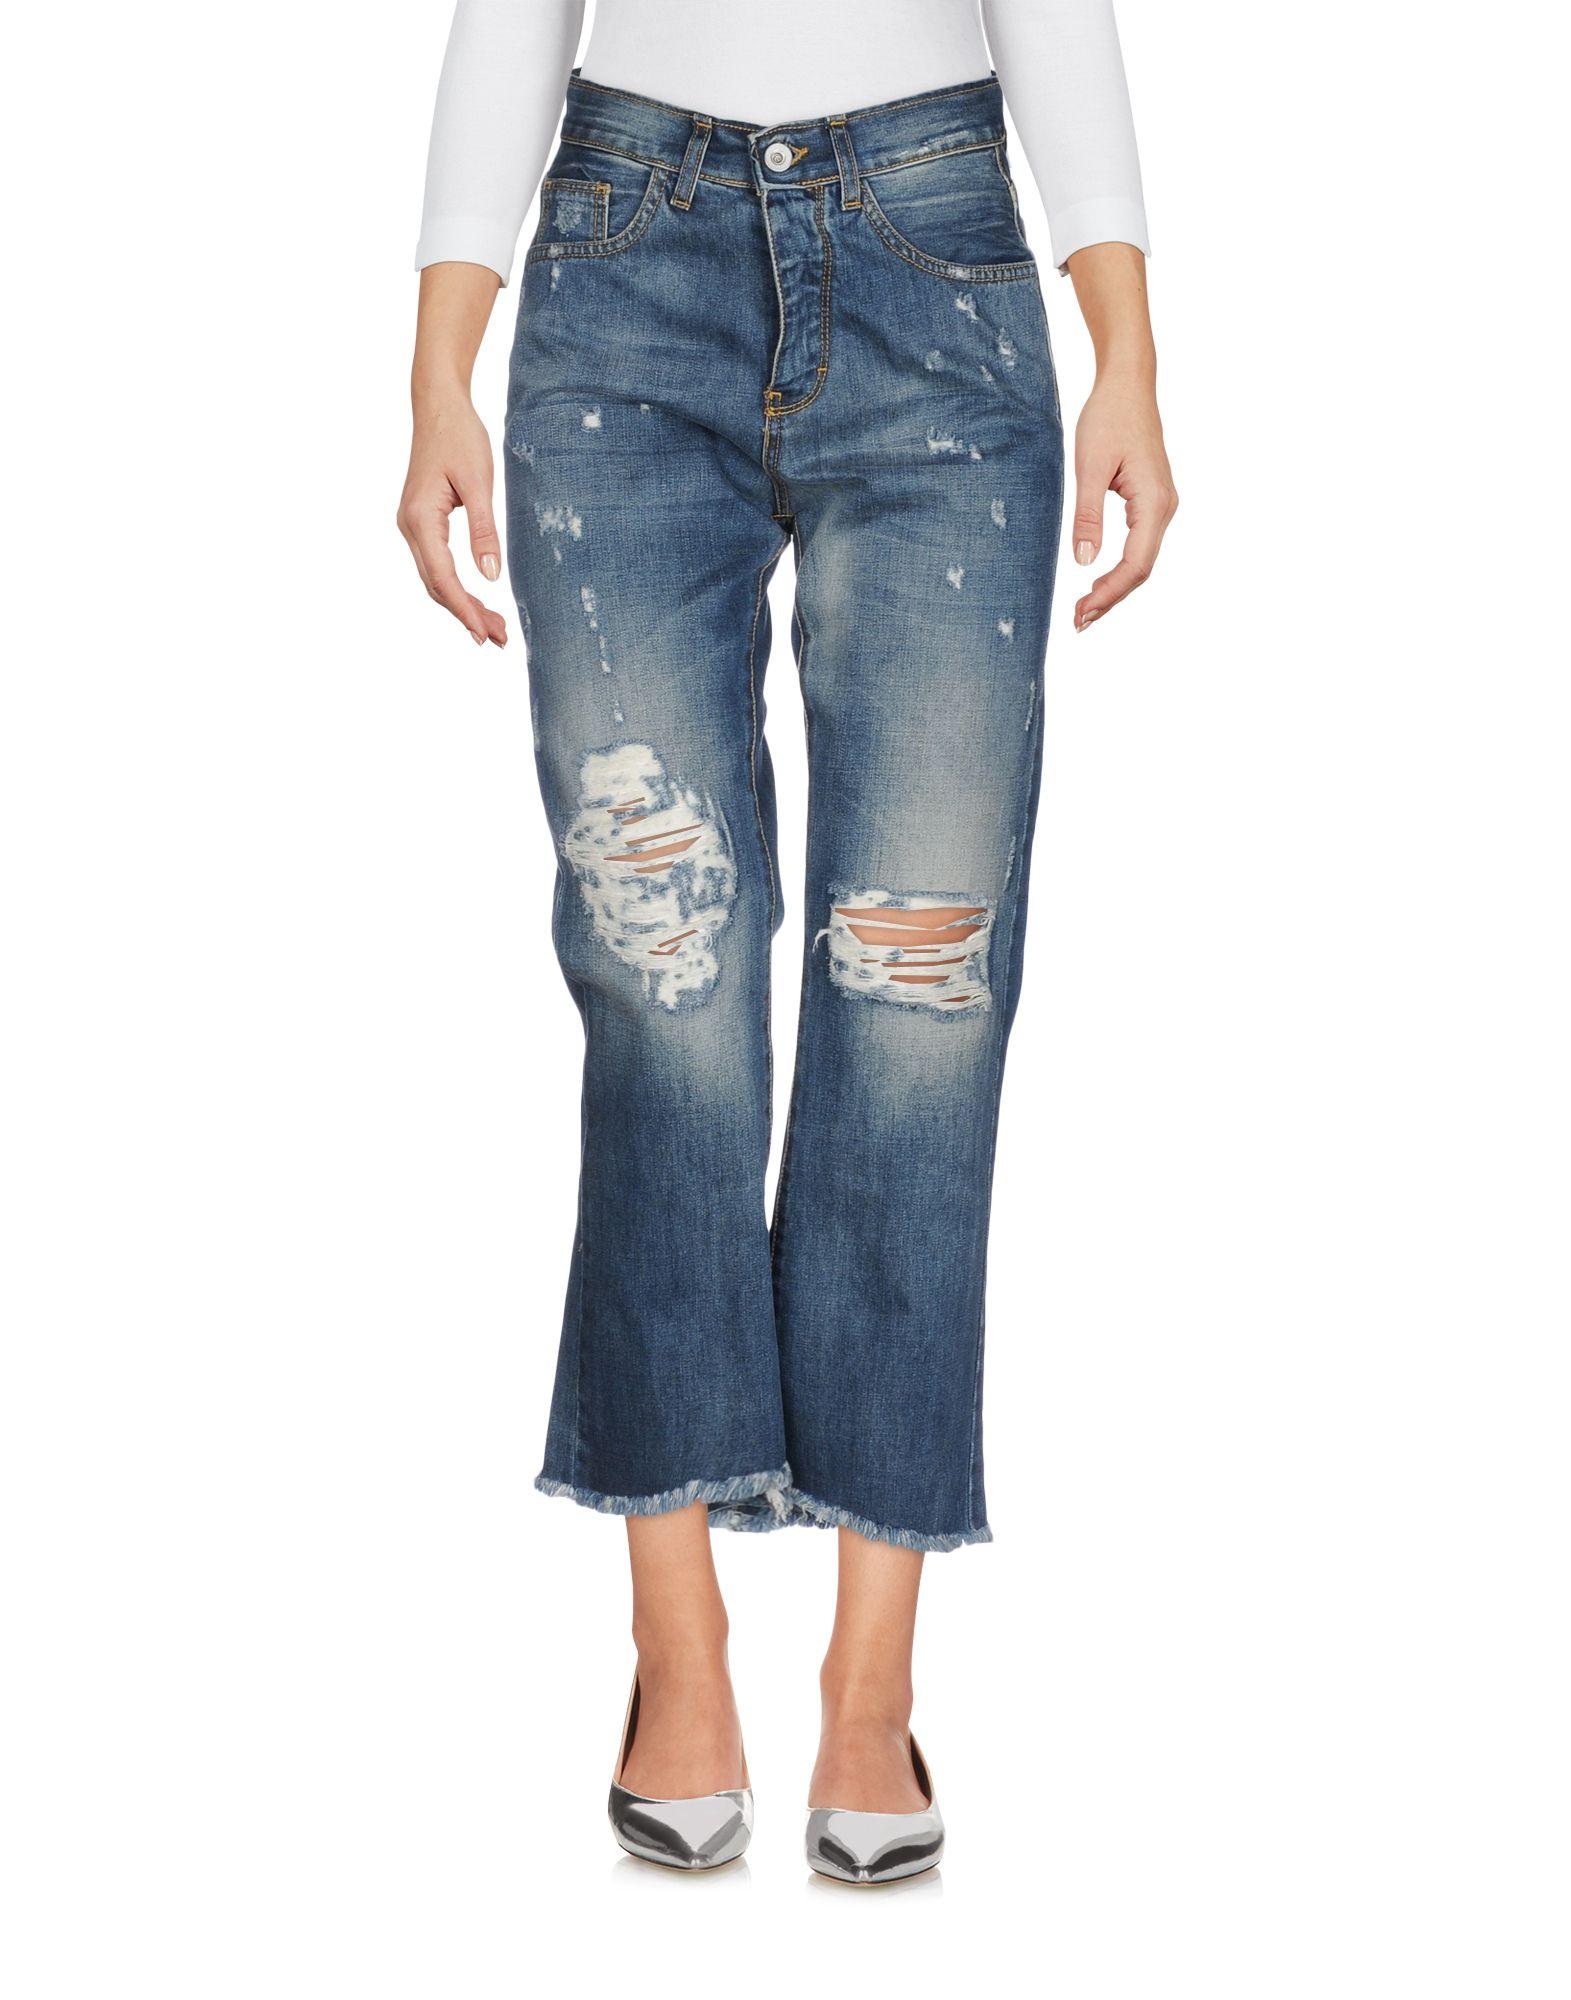 цены на THINK BELIEVE Джинсовые брюки в интернет-магазинах